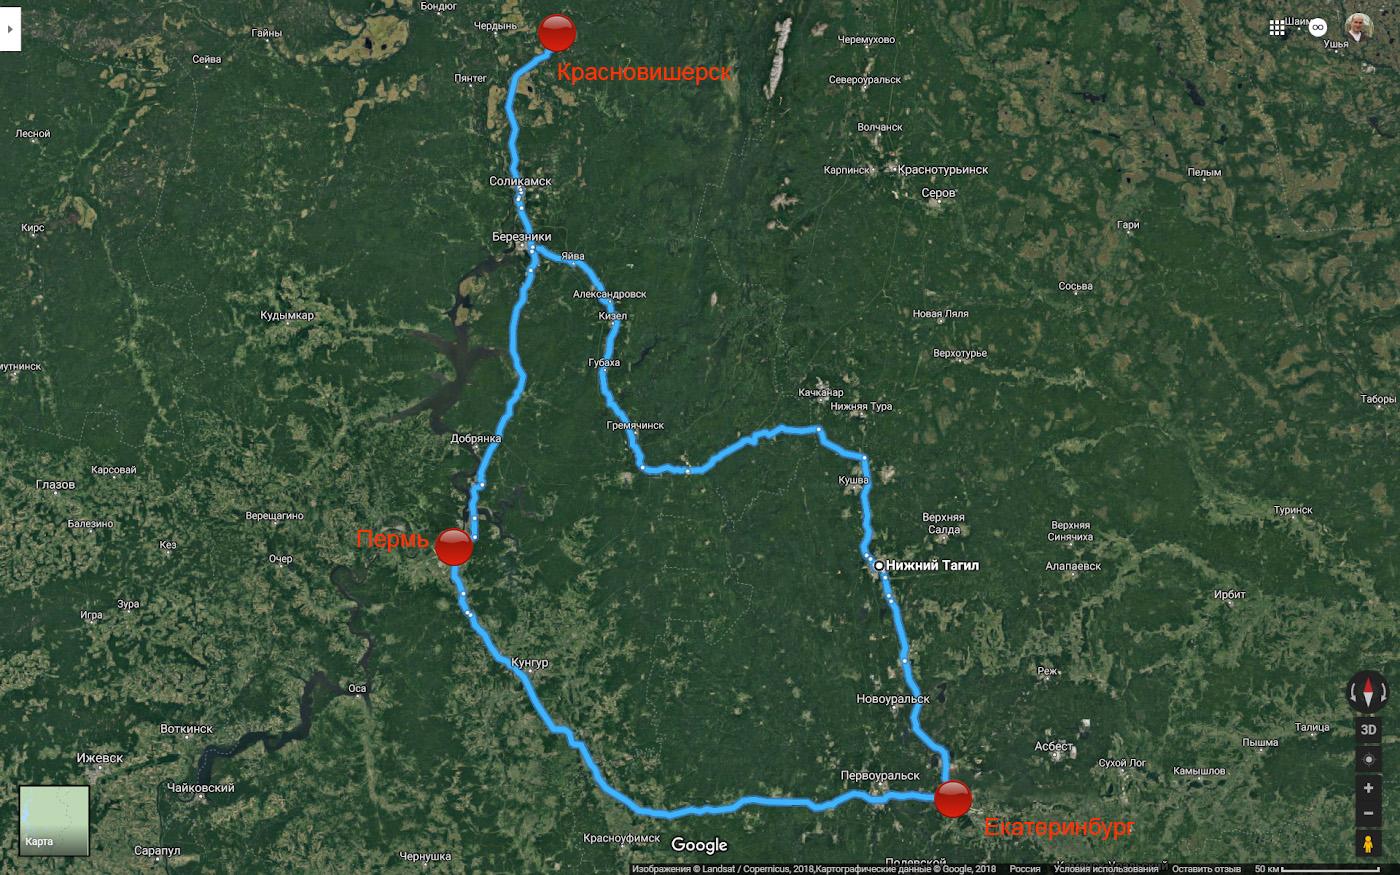 Карта со схемой проезда в город Красновишерск из Екатеринбурга и Перми. Отсюда начинаются походы на гору Полюд, на камень Ветлан и Помянённый камень.